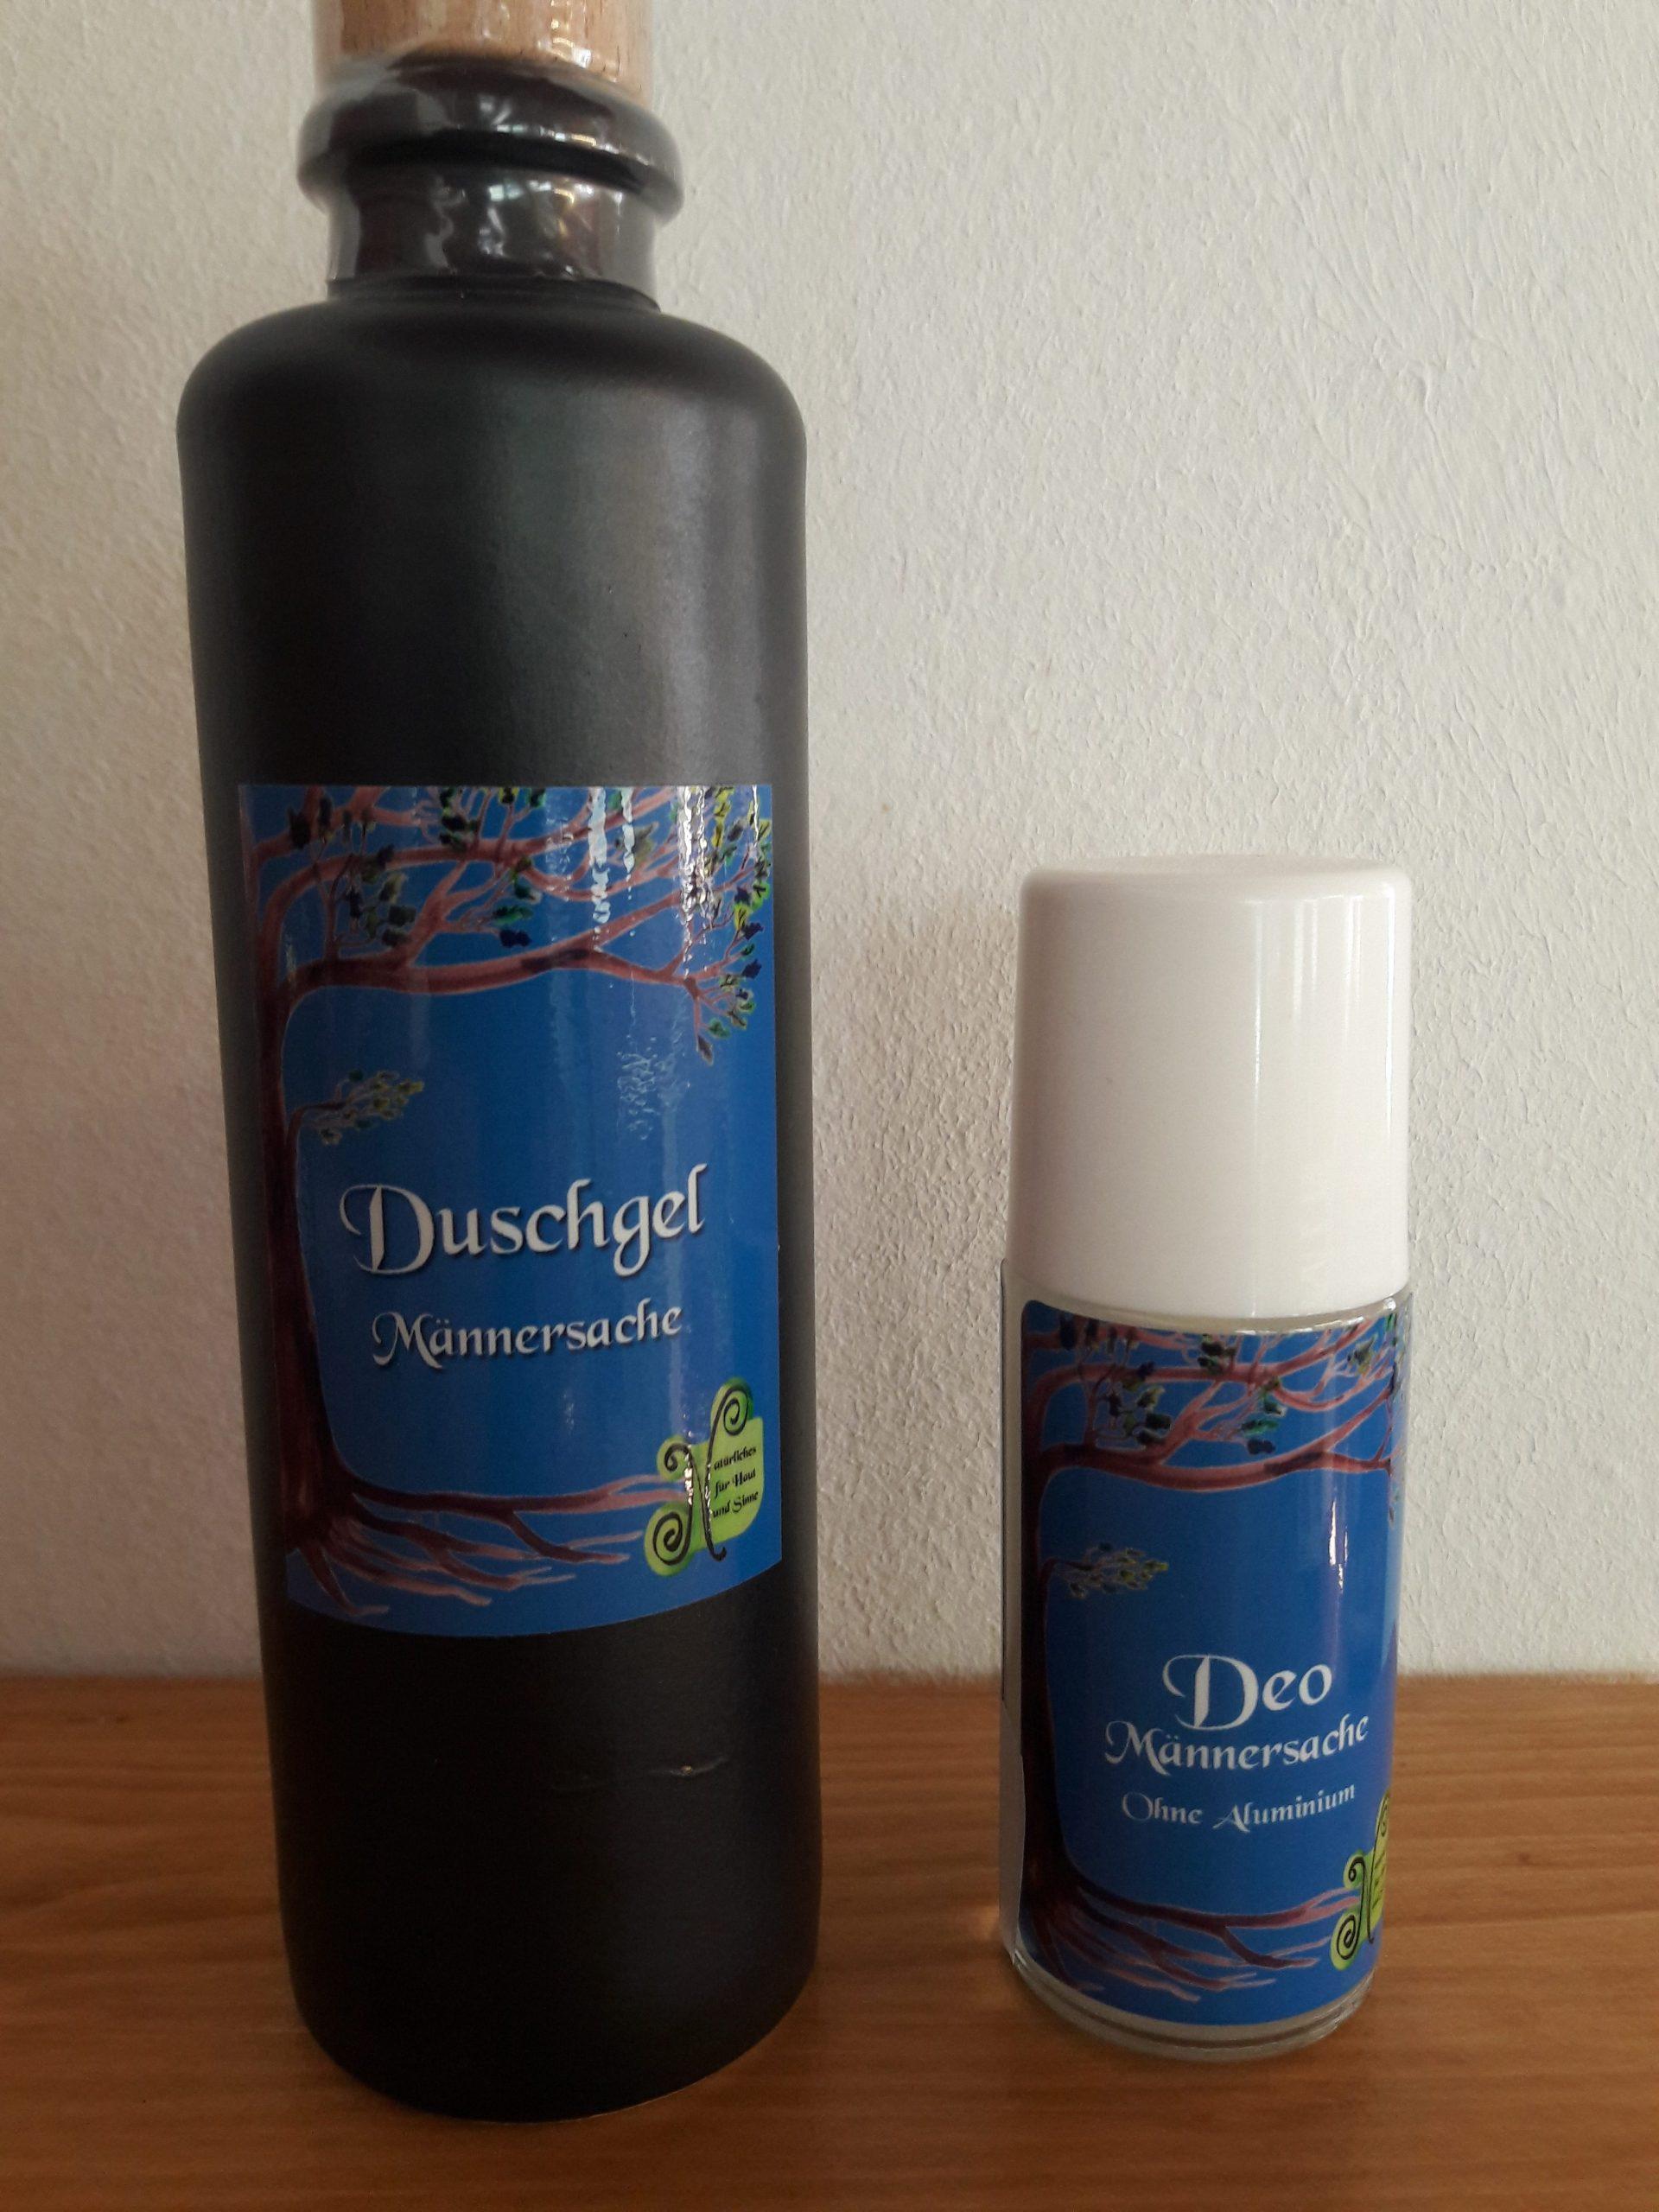 Duschgel und Deo